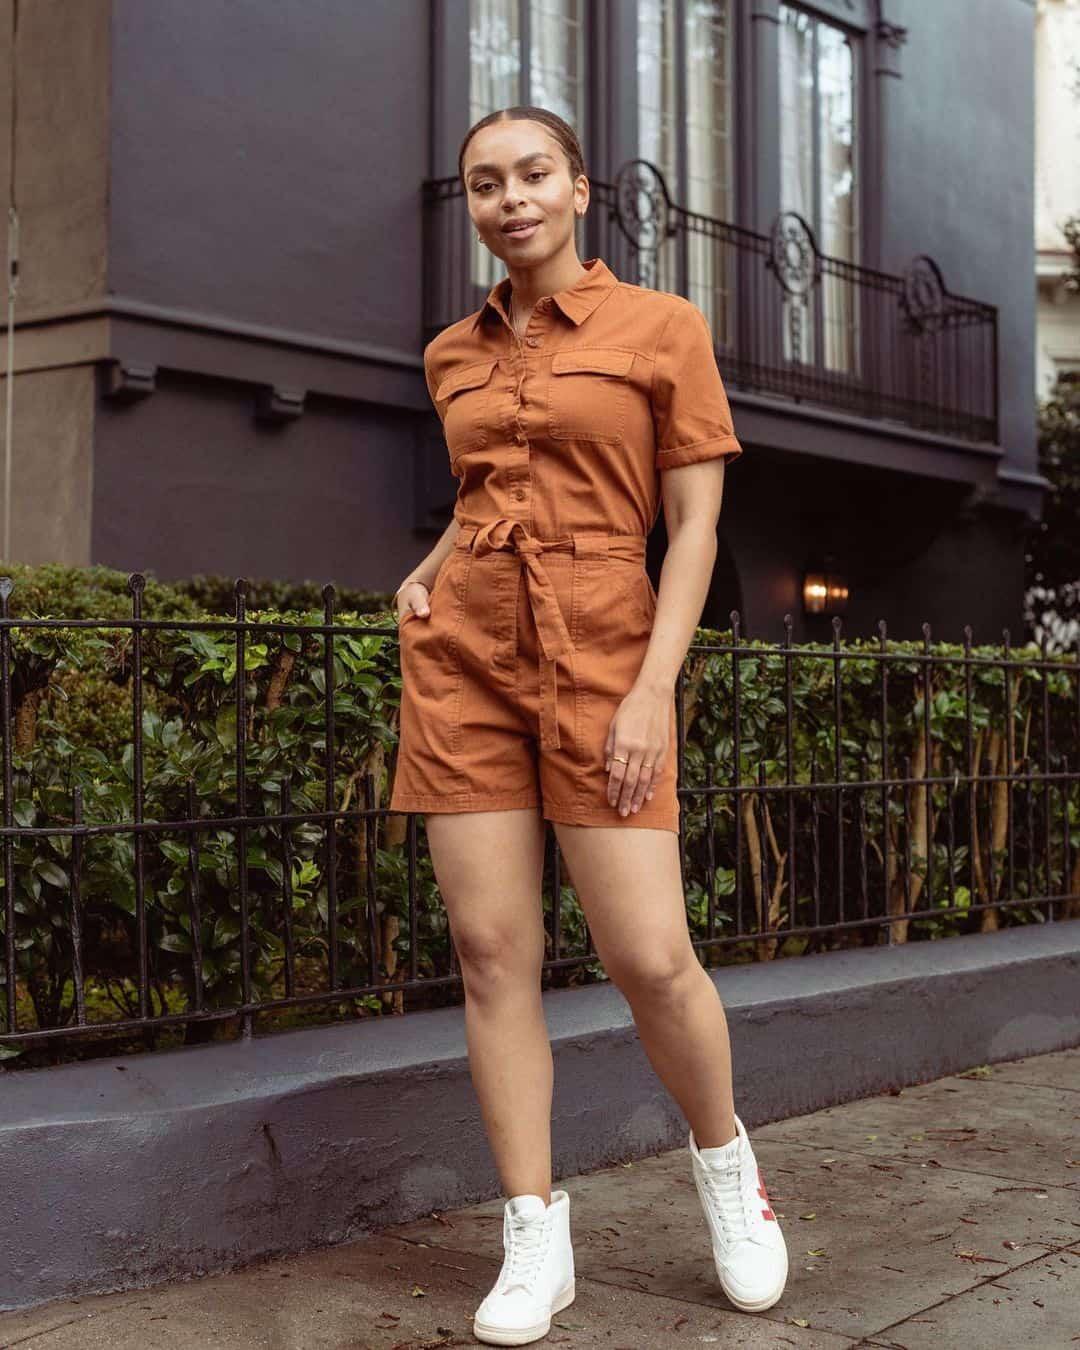 woman in orange romper